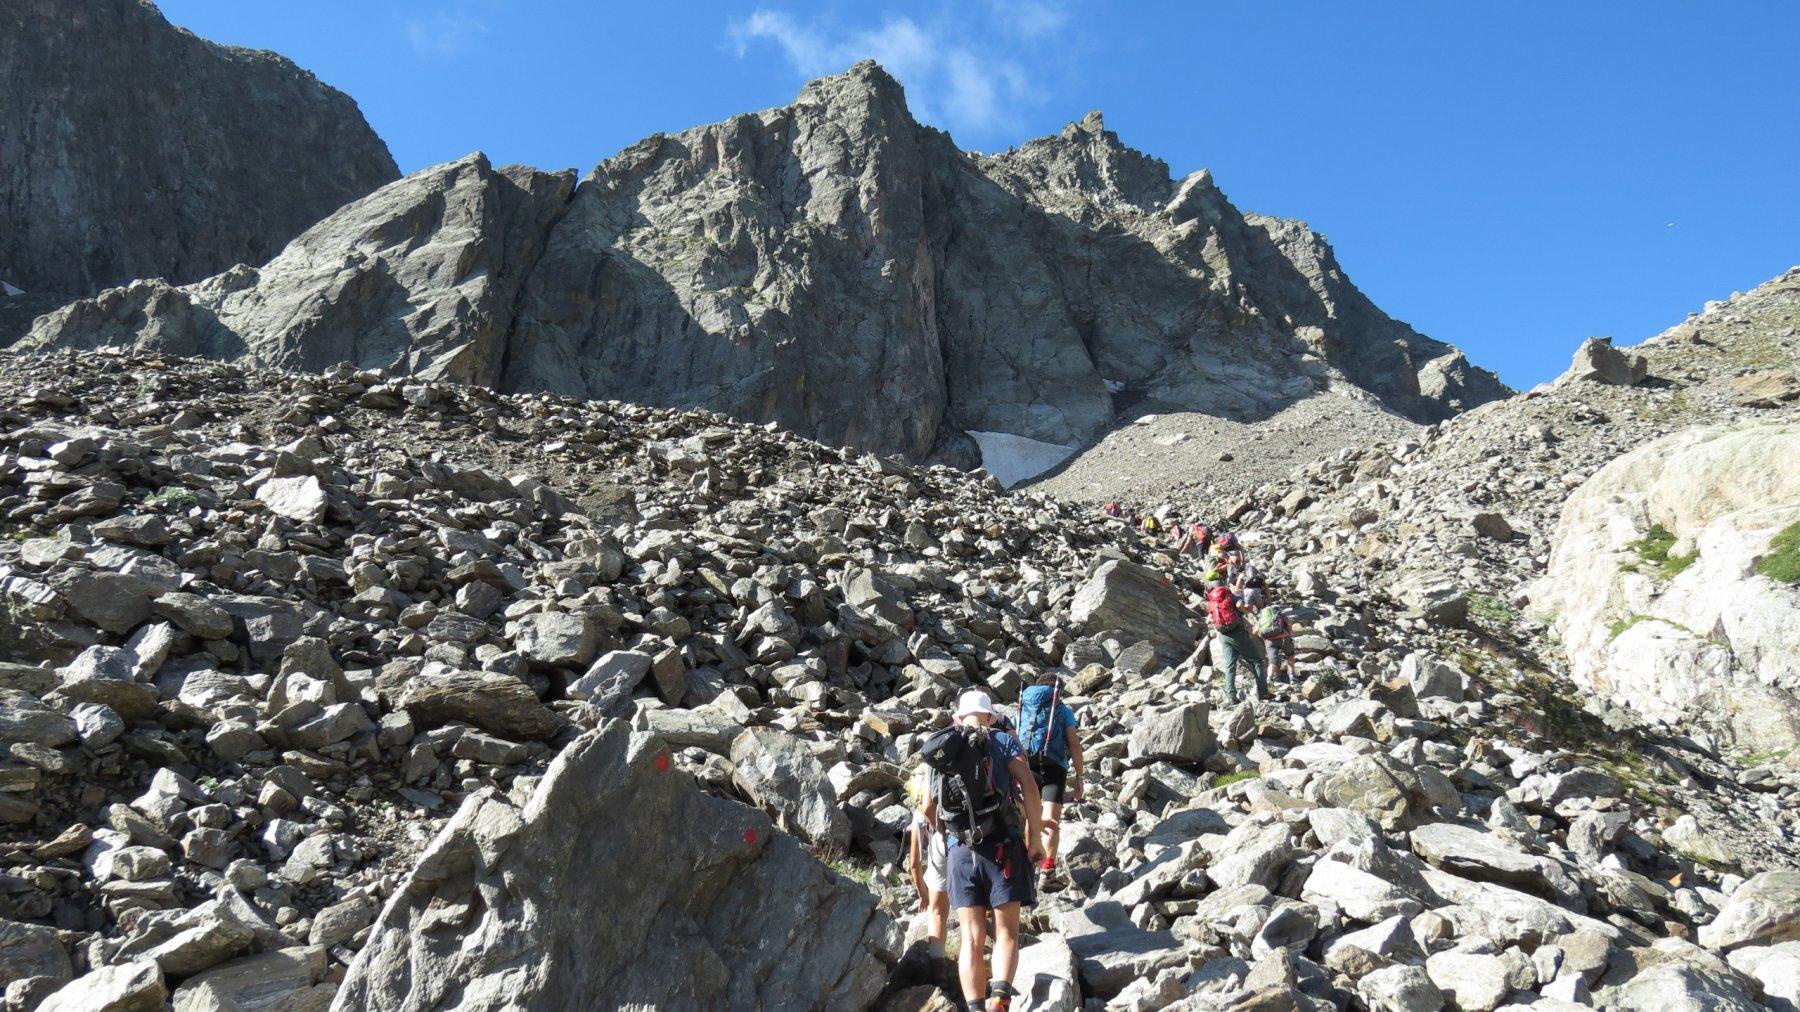 salendo lungo la pietraia che porta alla base della Gola di Laris (2-8-2015)